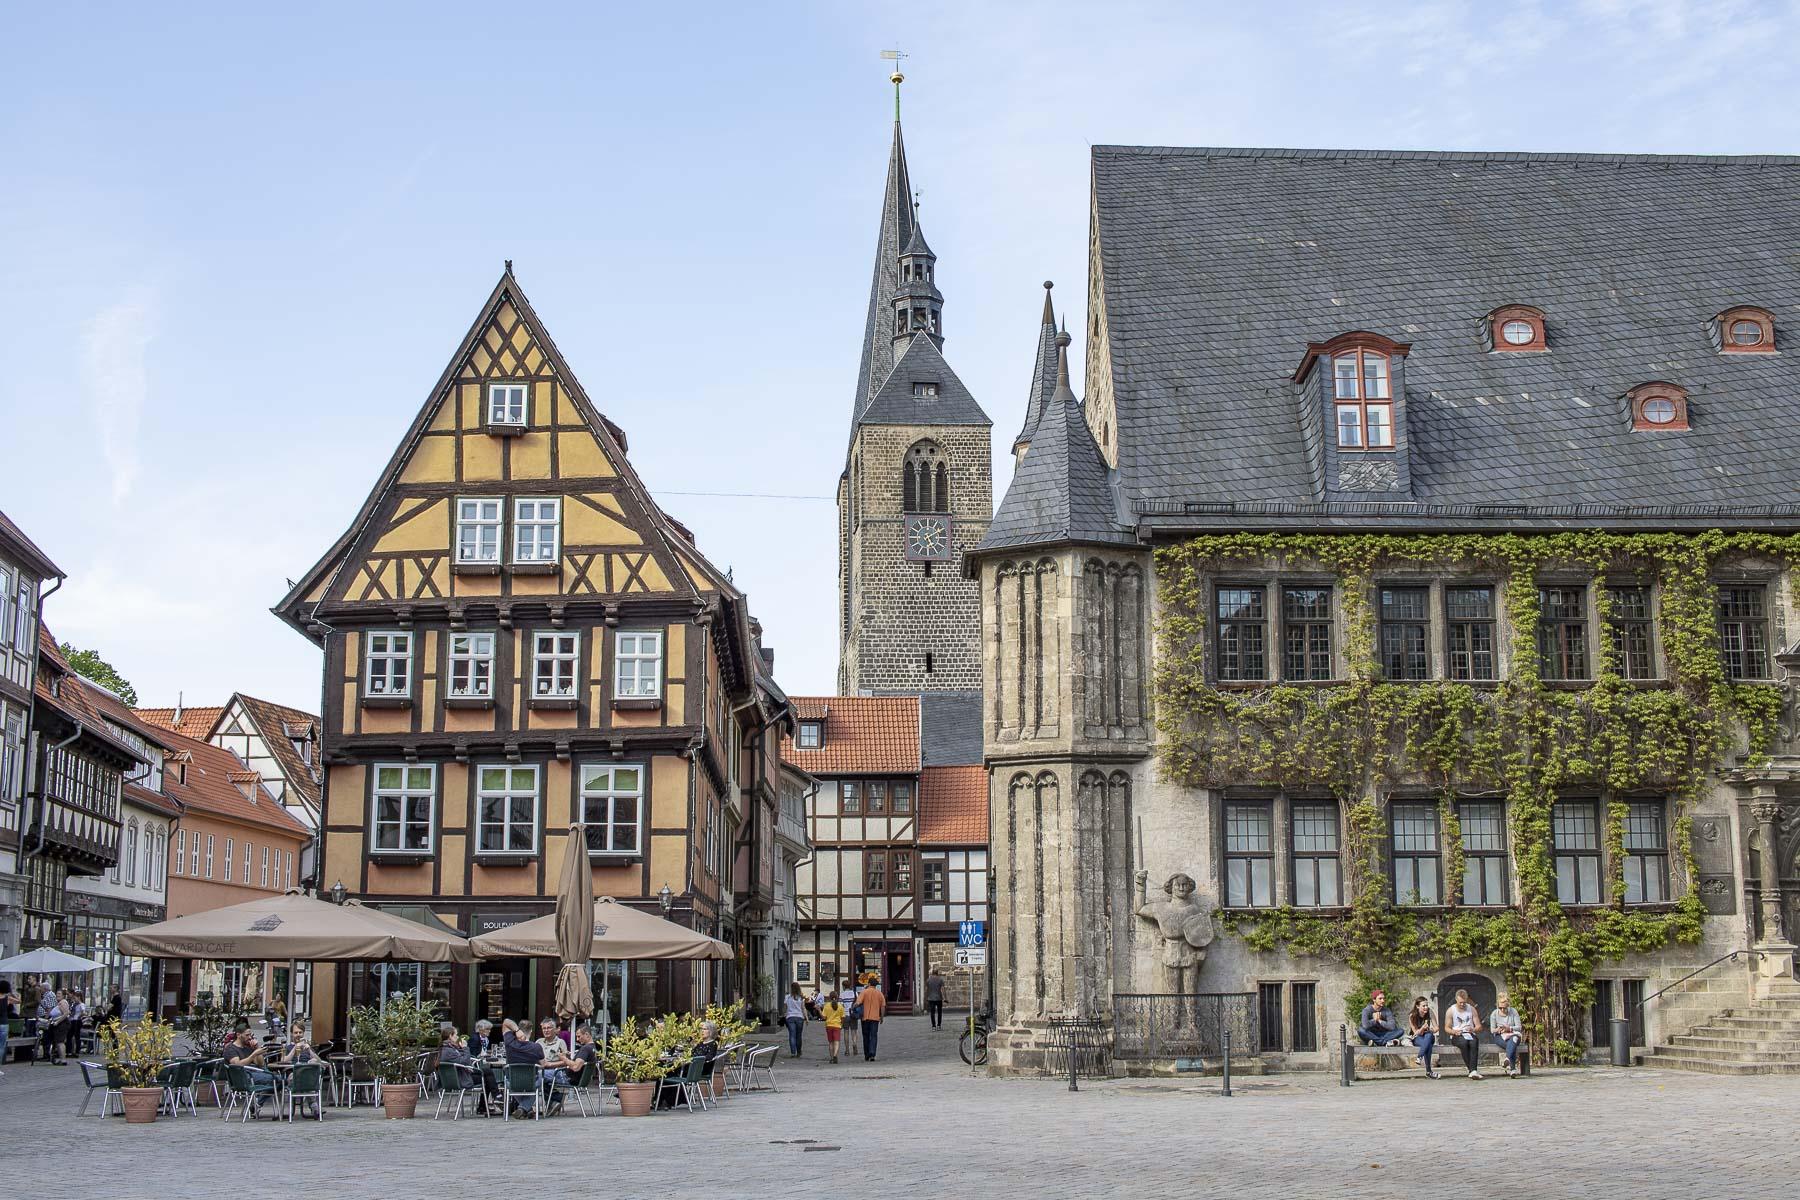 Sehenswürdigkeiten Harz - Welterbestadt Quedlinburg mit ihren Fachwerkhäusern